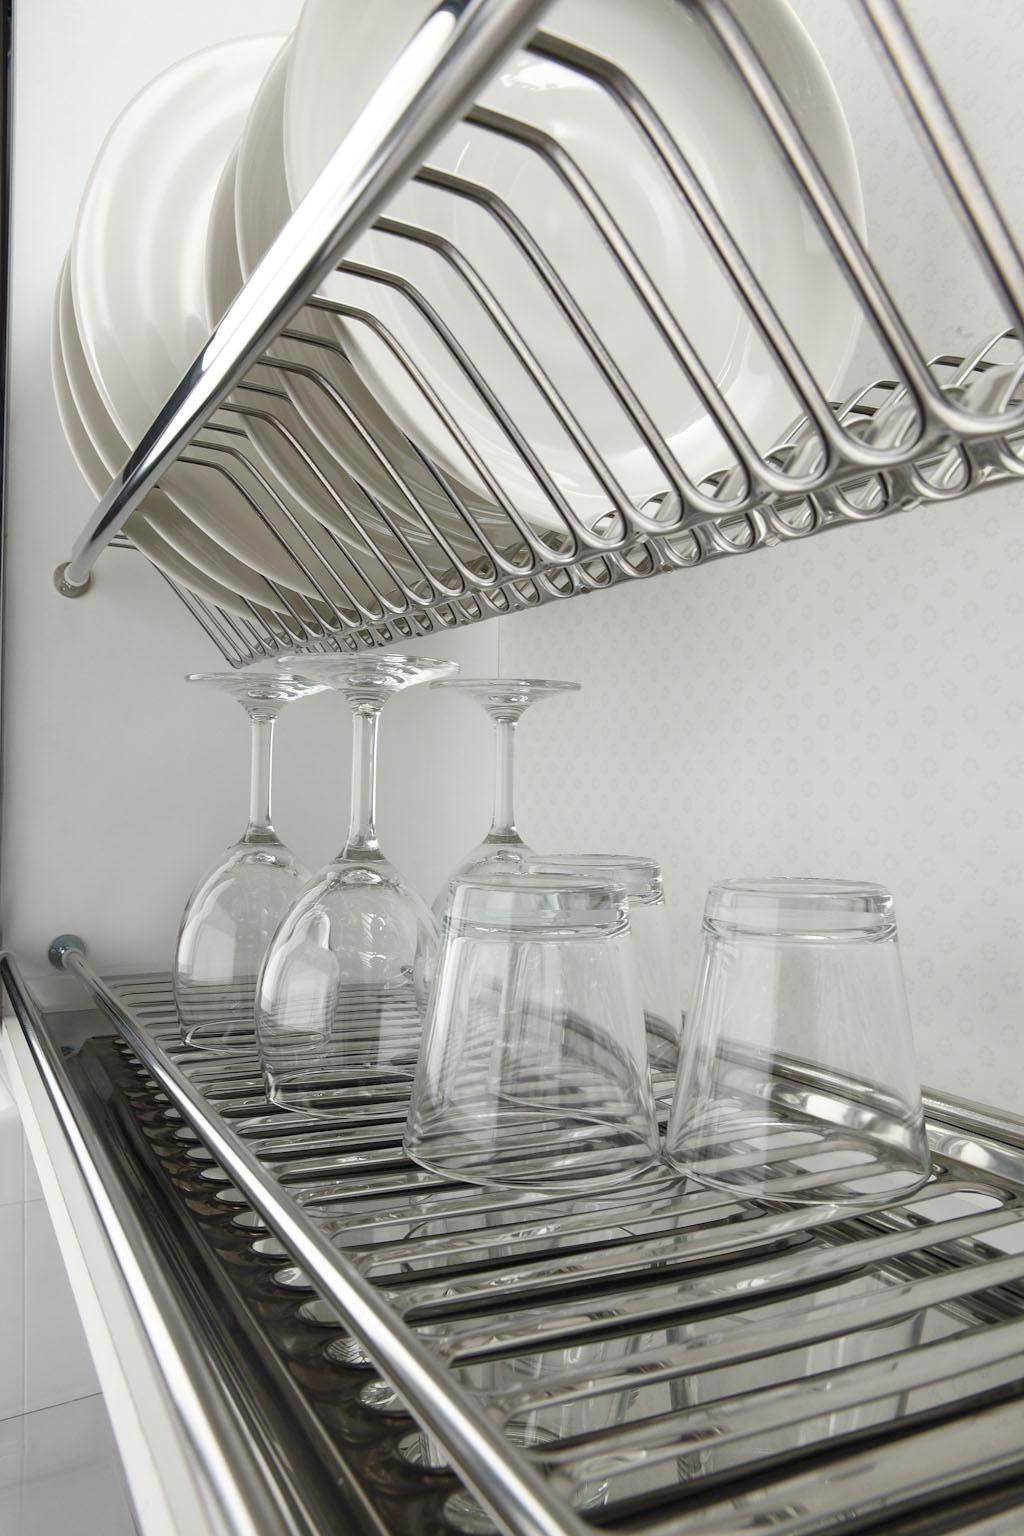 Сушка COMBI для посуды с поддоном, на одном уровне, 800мм, нержавейка